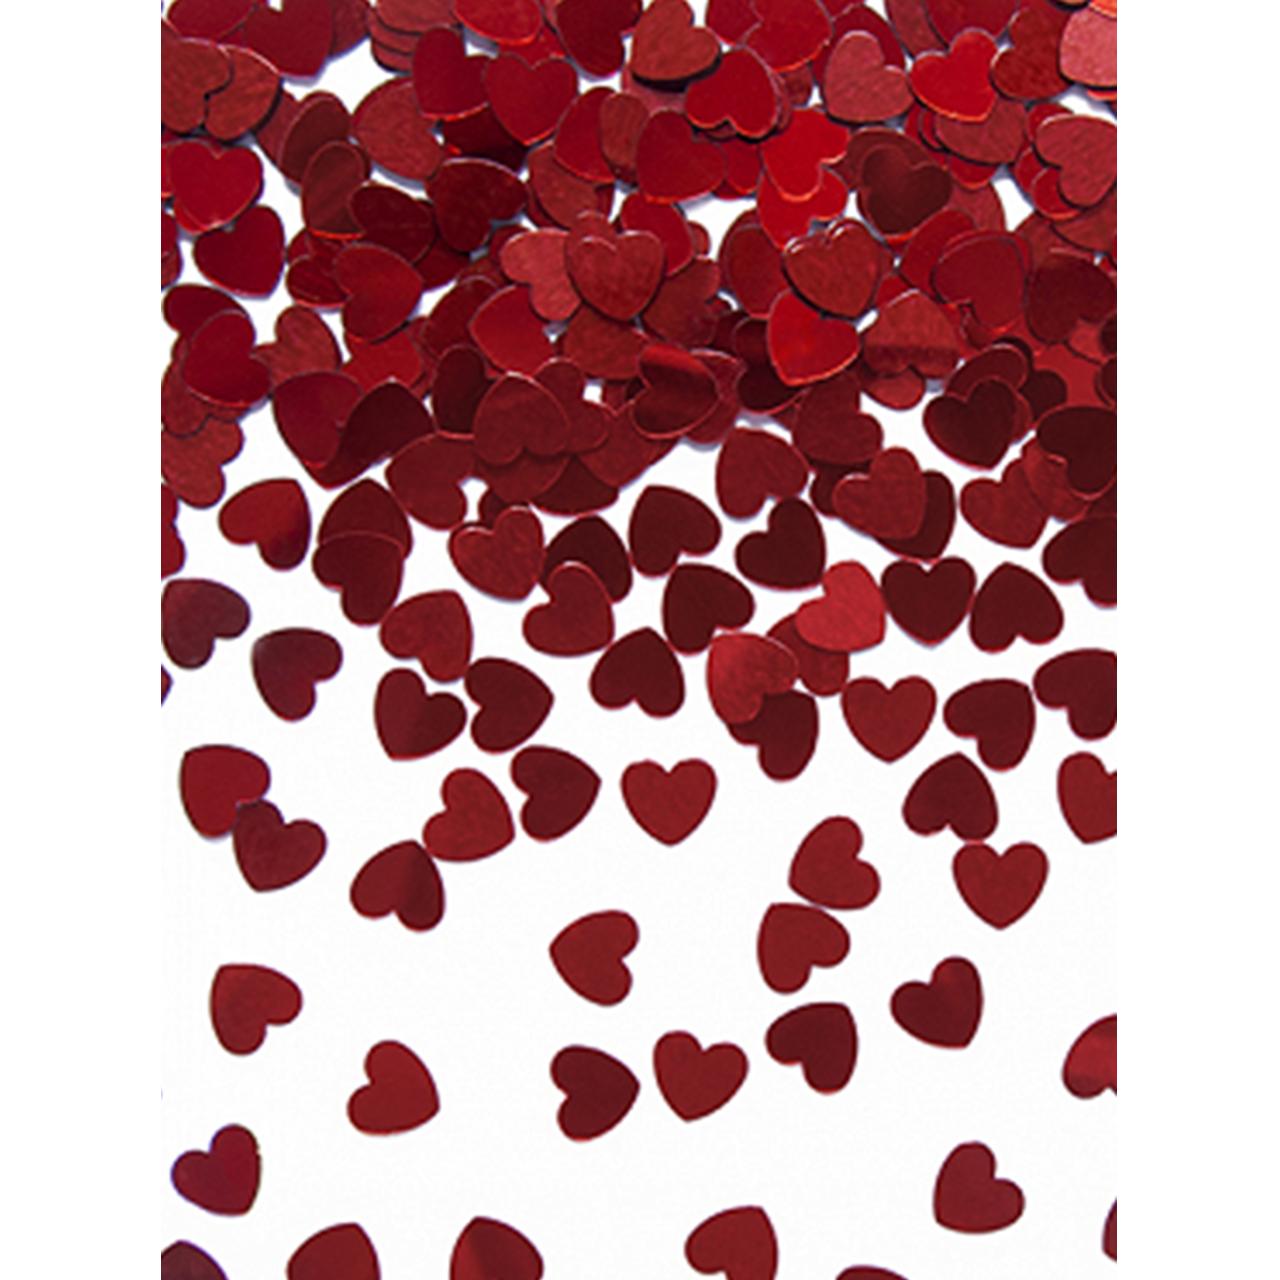 30g Metallickonfetti - Rote Herzen